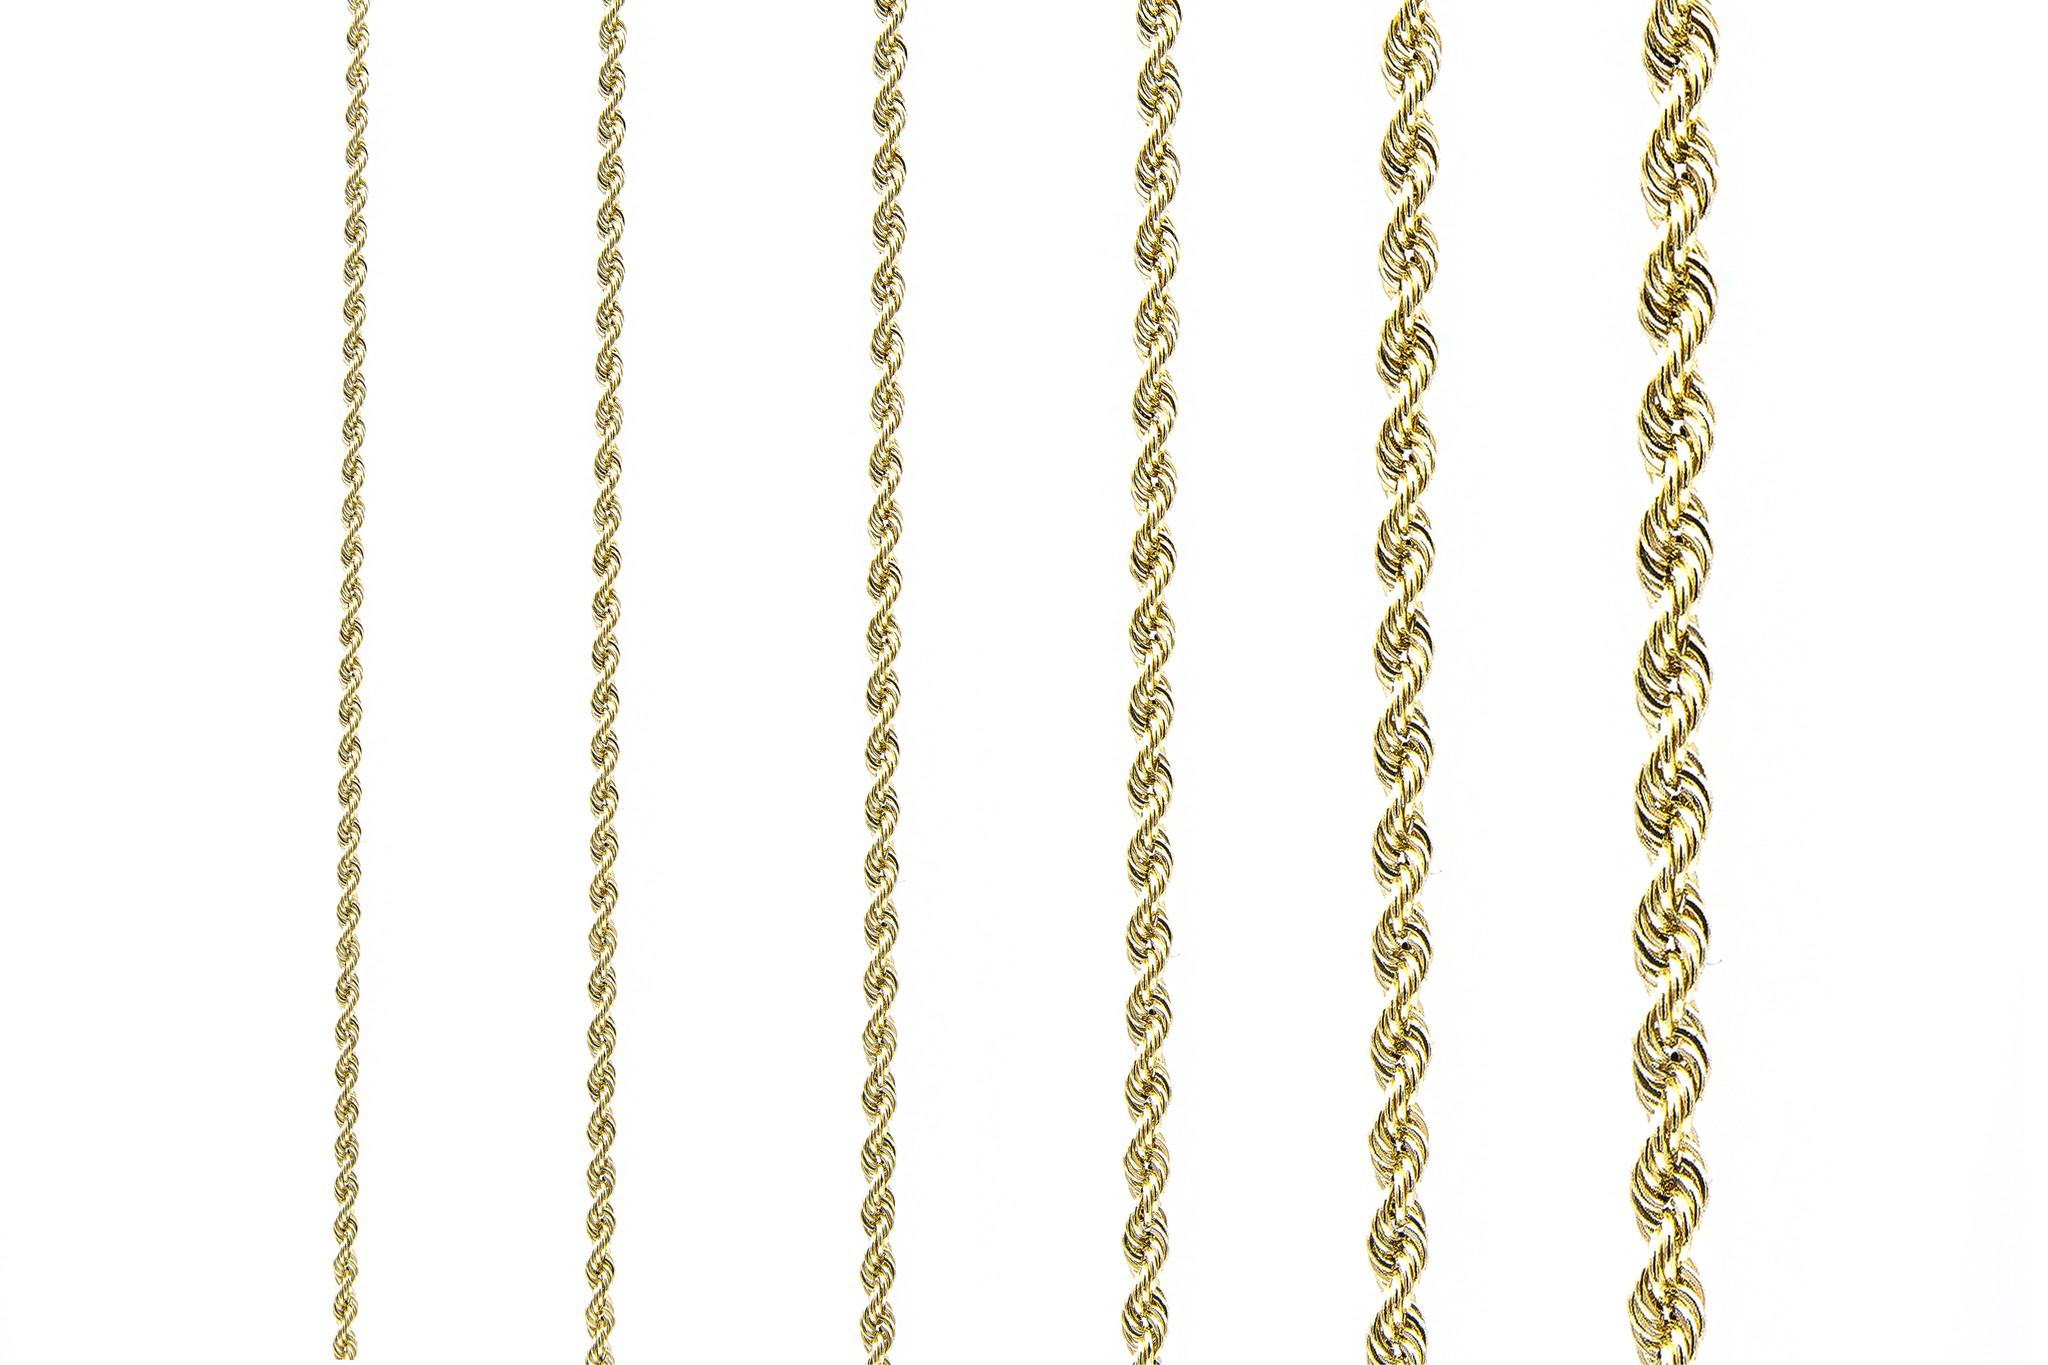 Rope chain roségoud 14kt 3mm-4